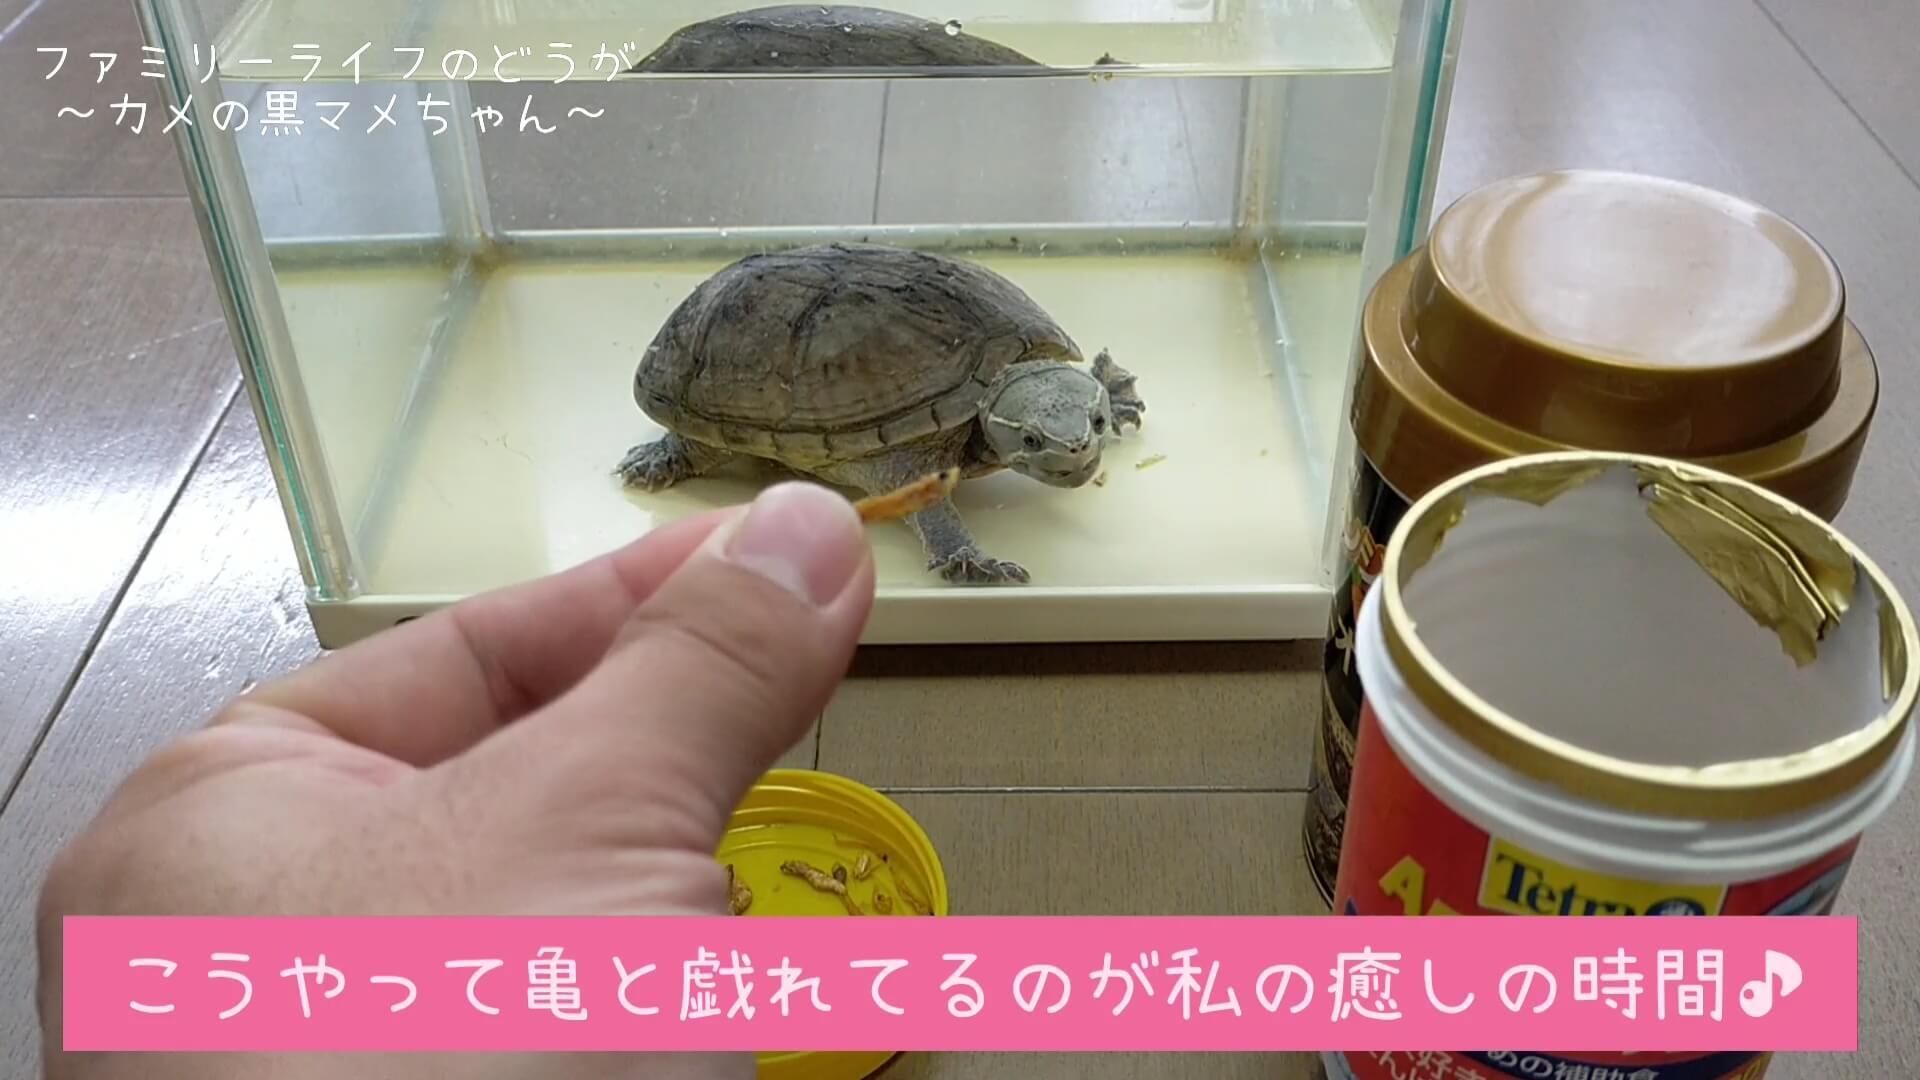 【癒やしの時間】我が家の黒マメちゃんのご飯タイム【ミシシッピニオイガメの飼育】